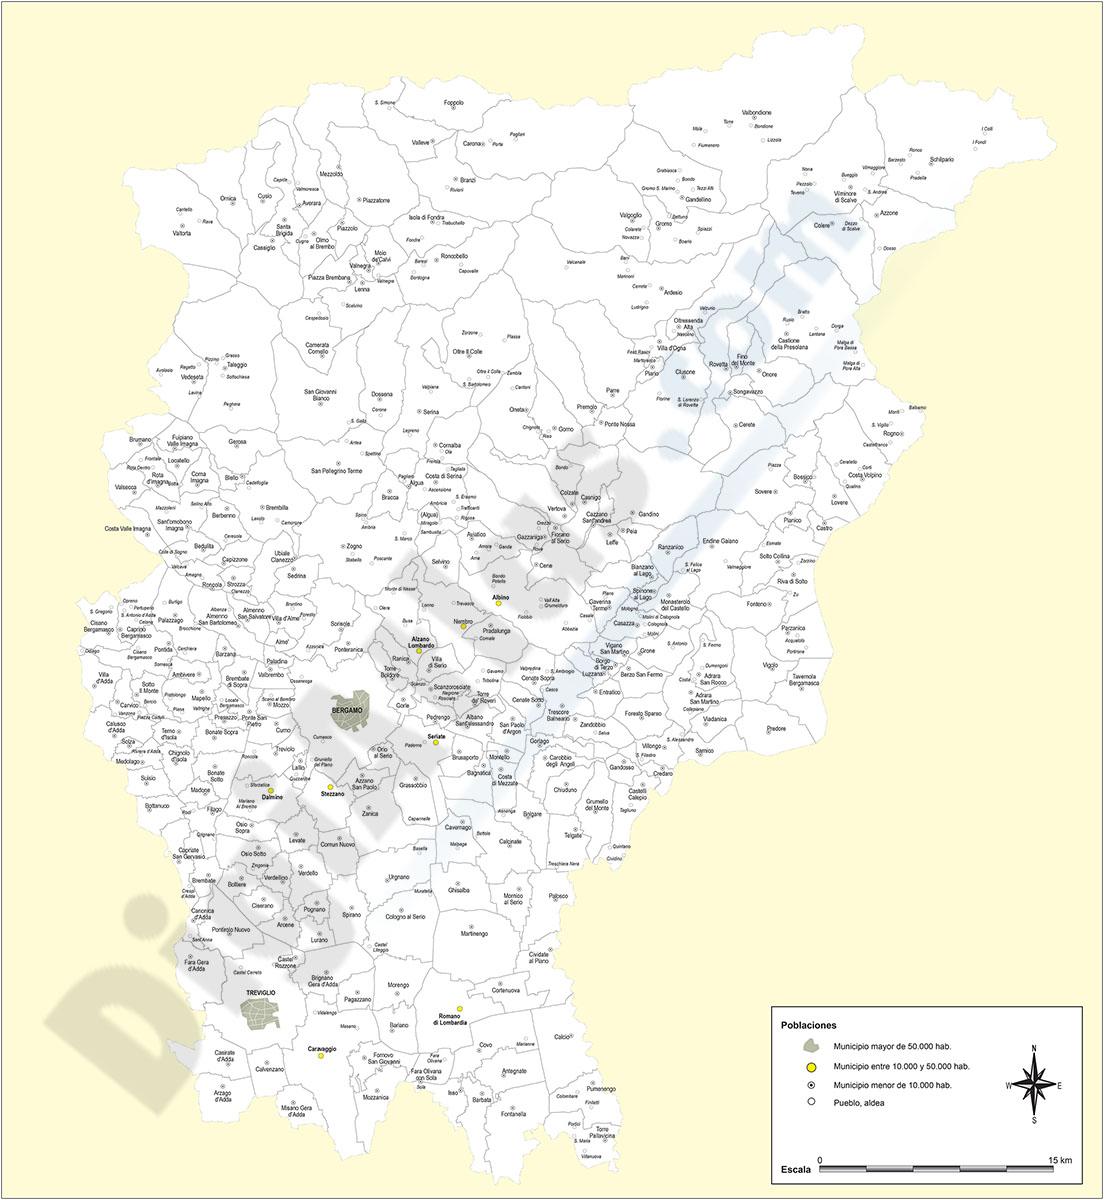 Provincia de Bergamo con municipios y poblaciones